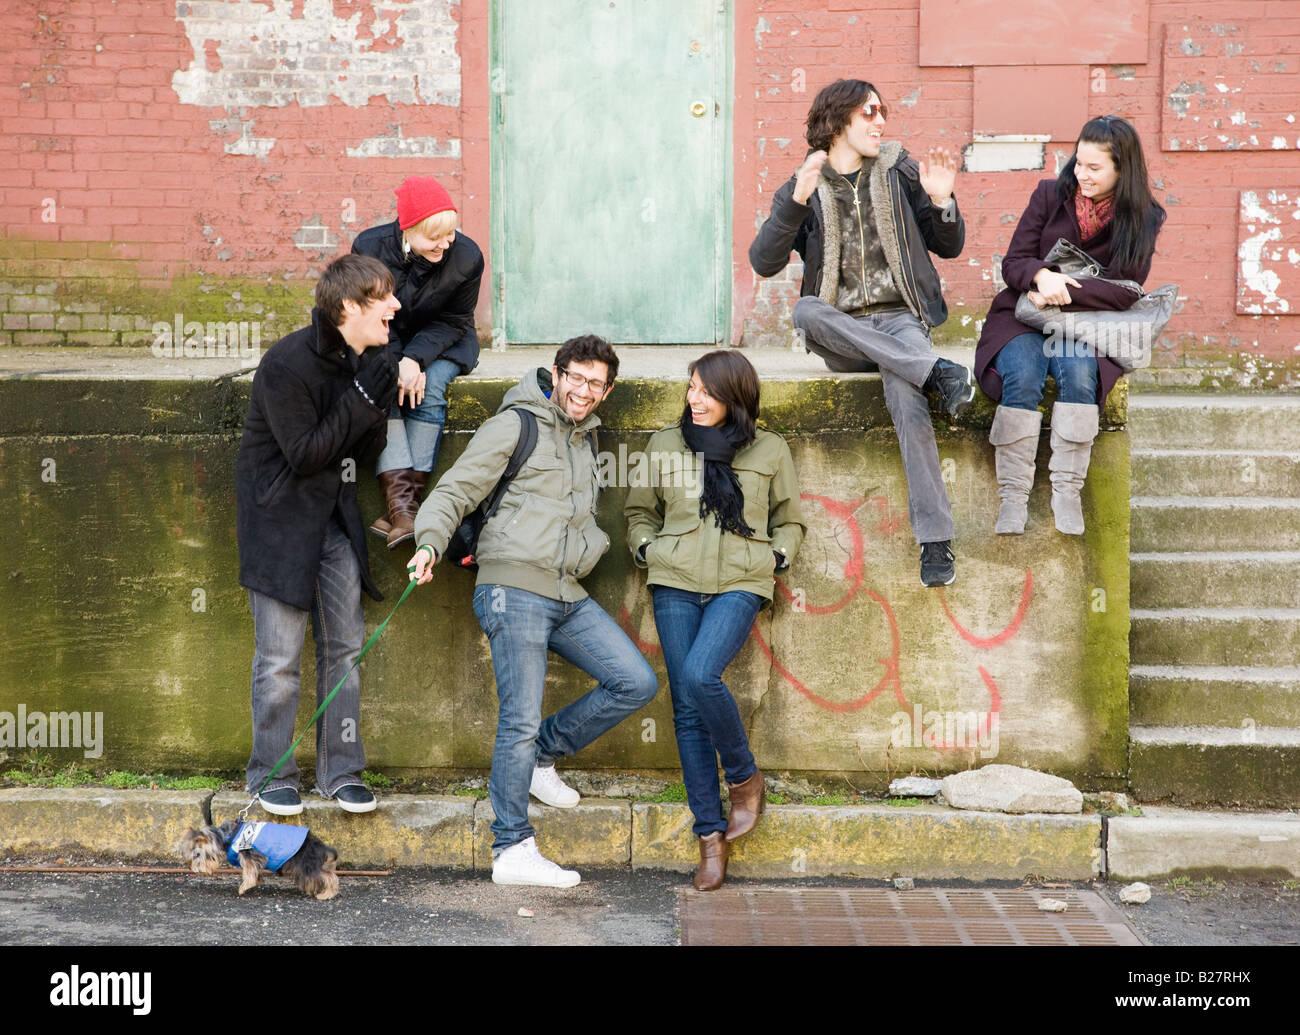 Gruppe von Freunden sitzen in städtischen Szene Stockbild